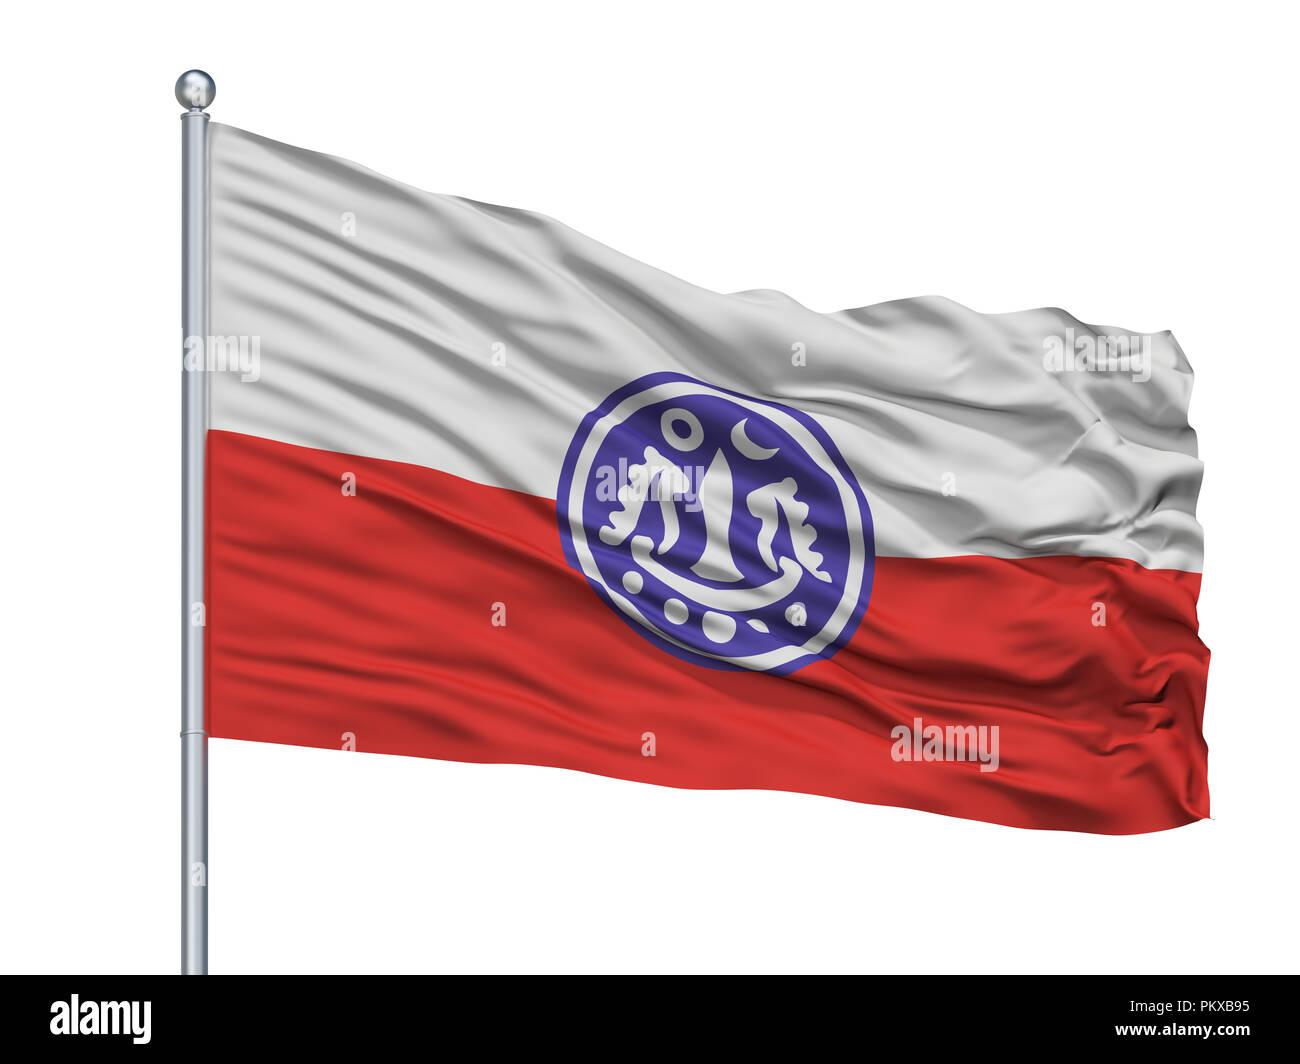 Rakhine Flag On Flagpole, Isolated On White Background, 3D Rendering - Stock Image